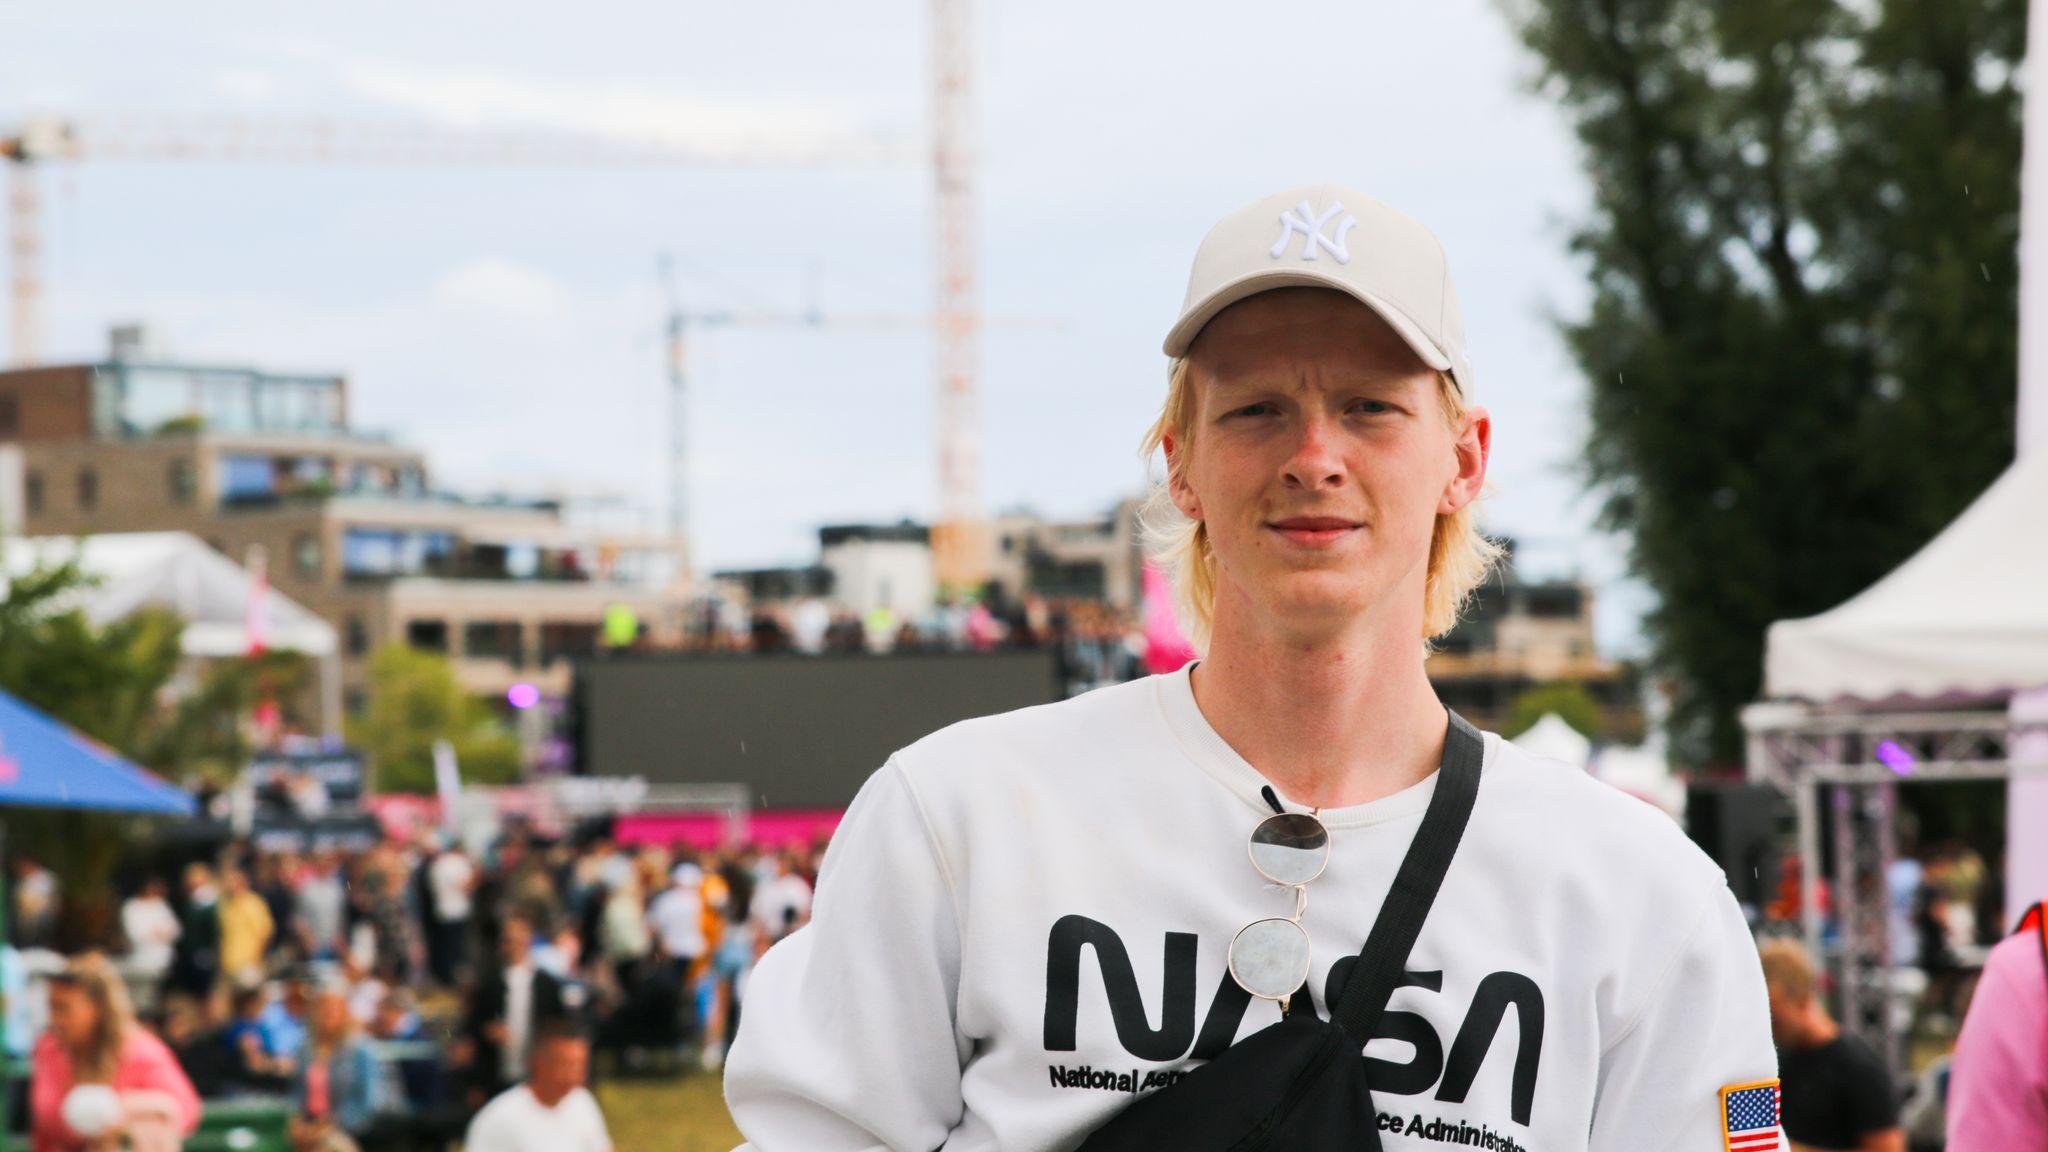 eefa3de5 Thomas Findal Andersen (21) fra Kristiansand er redd for å gjøre dumme ting  i fylla. Elina Hjønnevåg